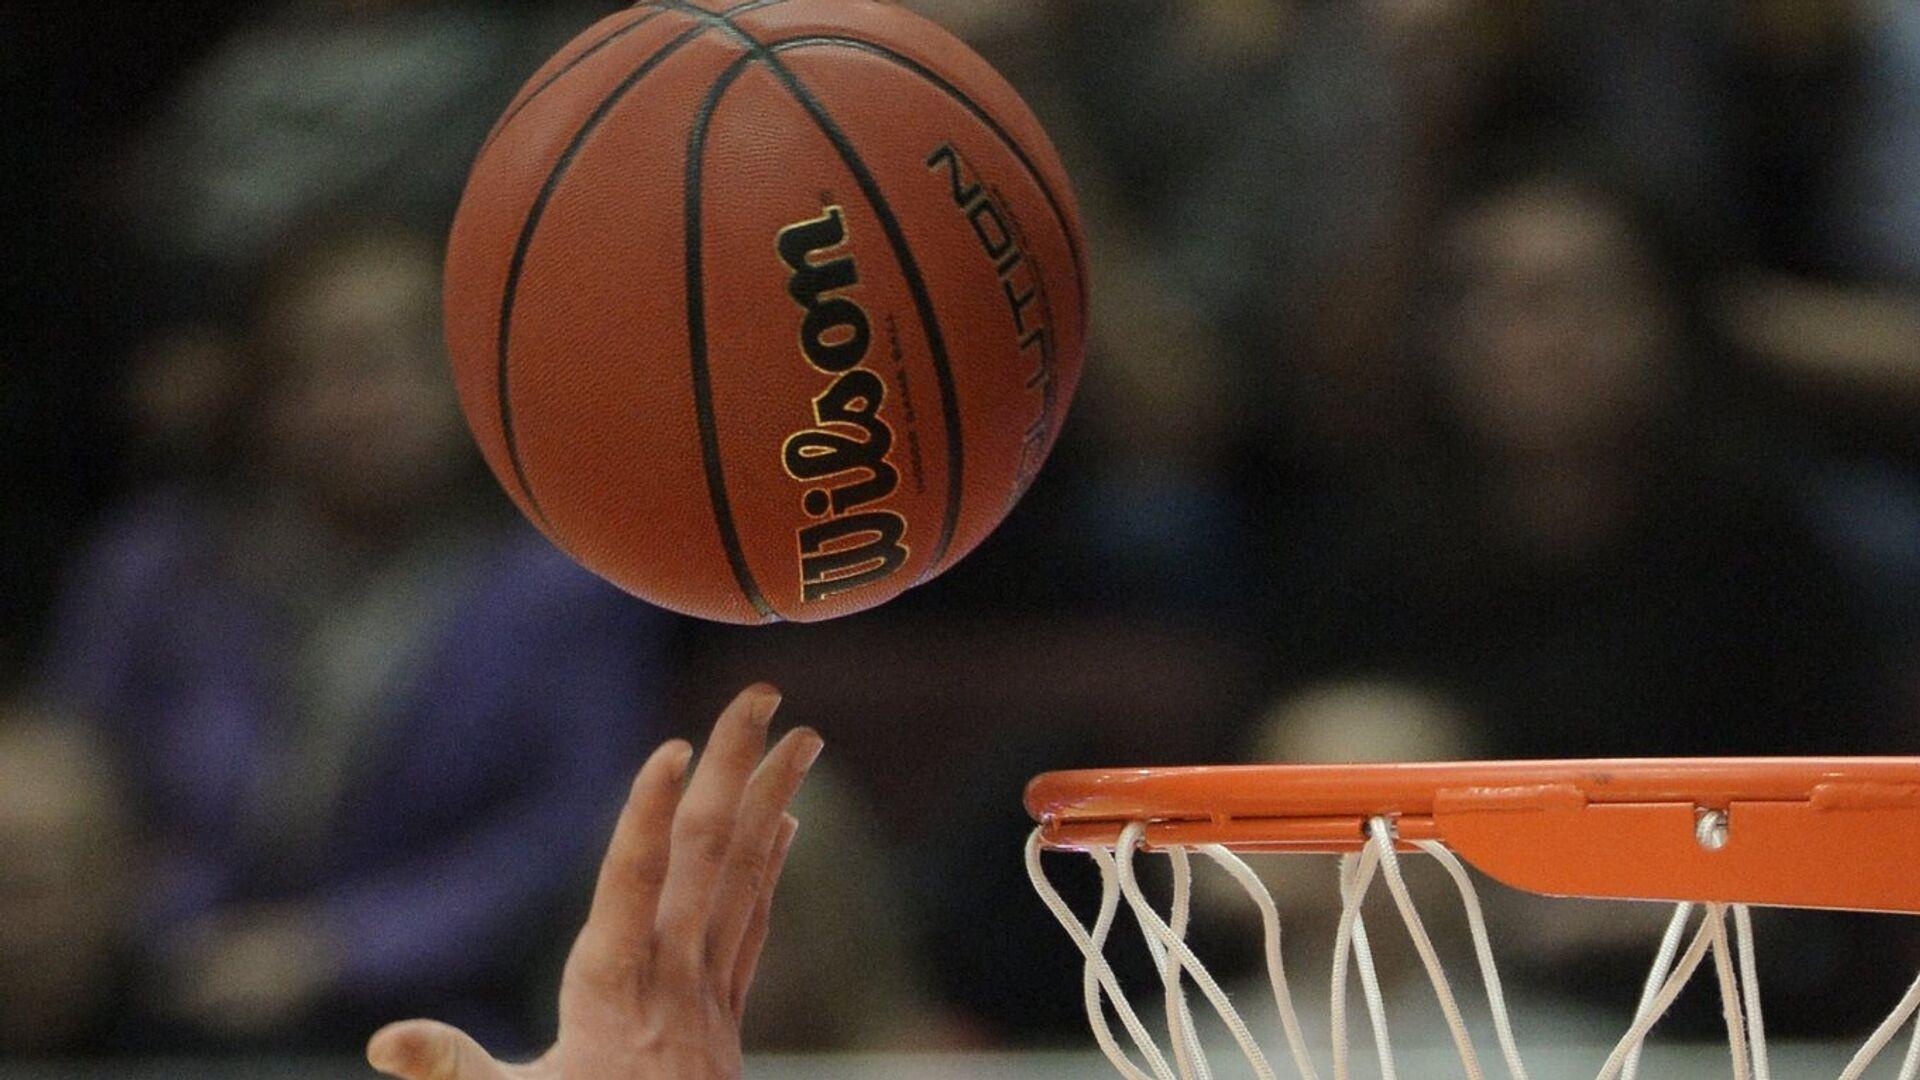 Баскетбольный мяч - РИА Новости, 1920, 01.11.2020